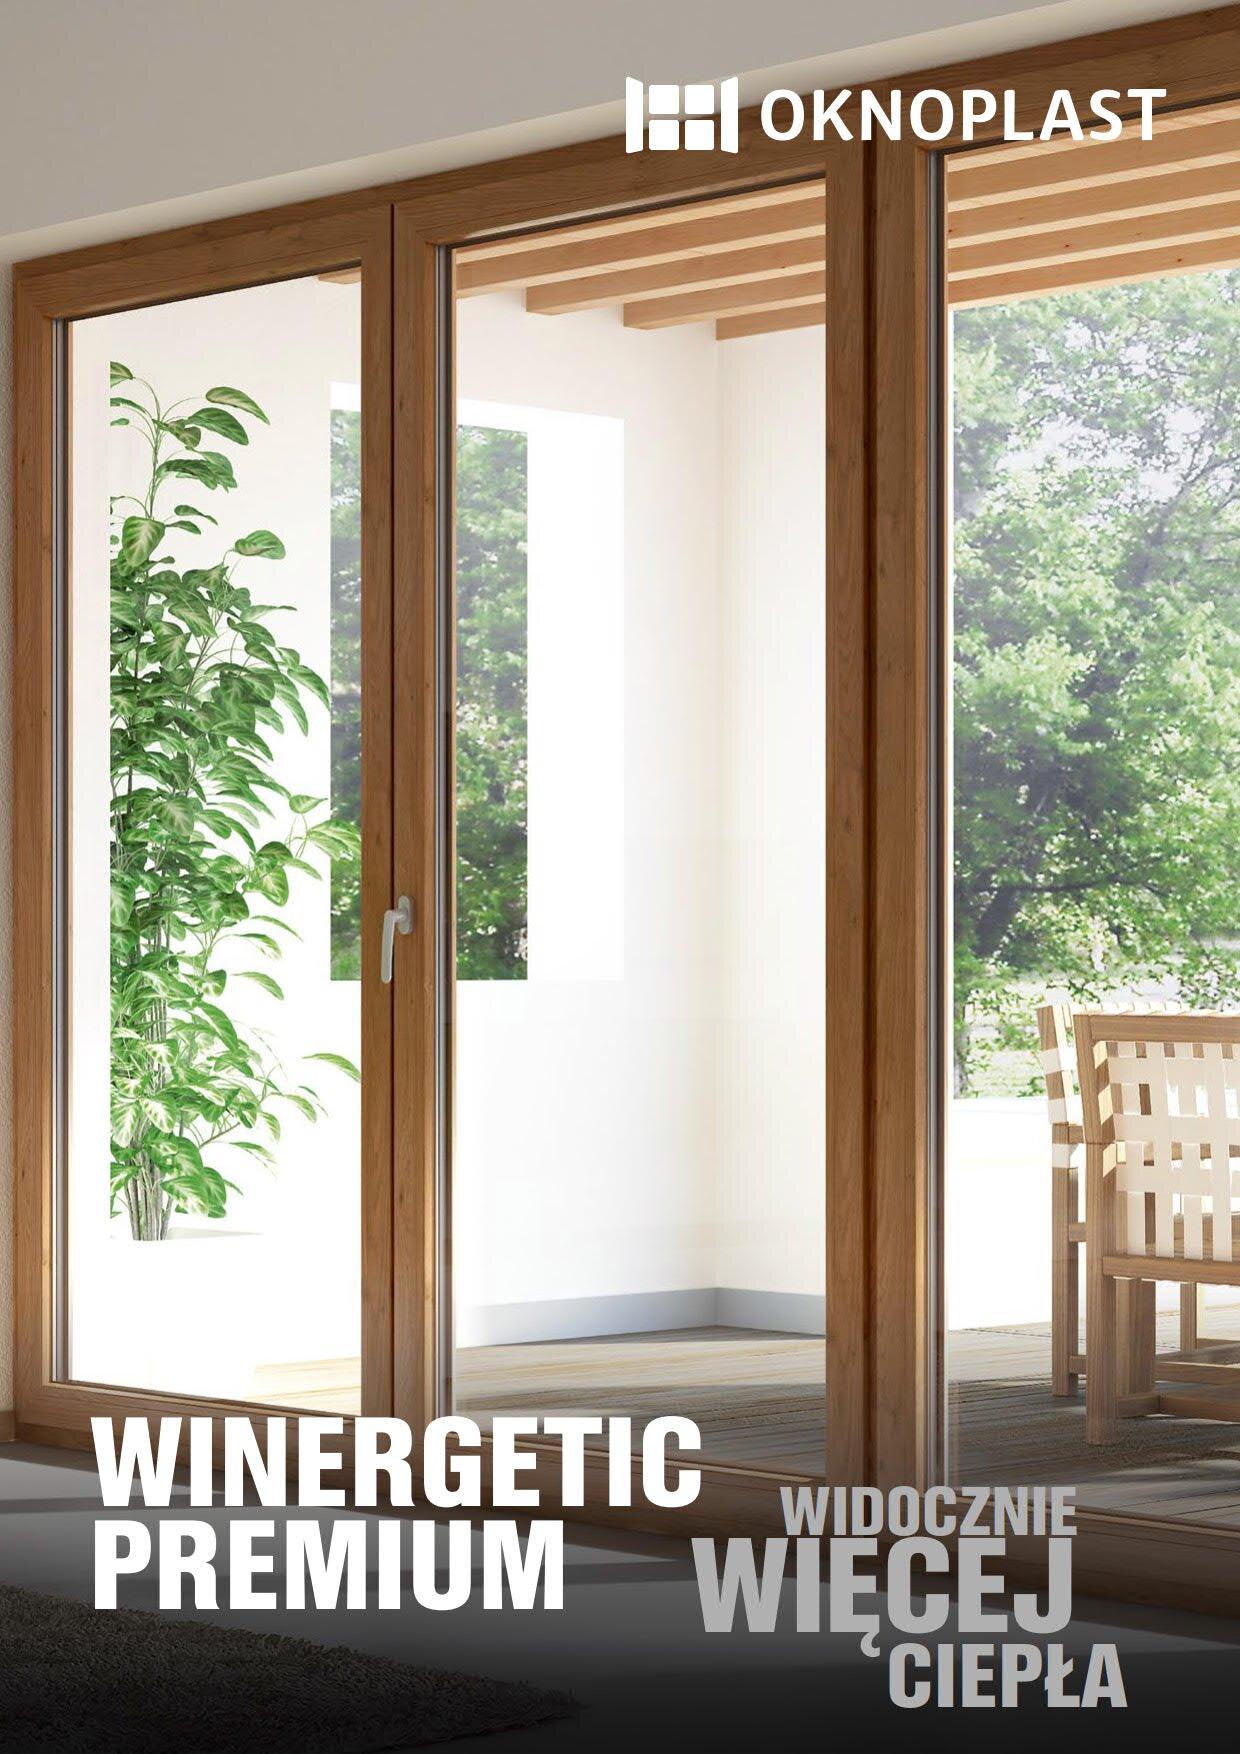 Winergetic Premium Image